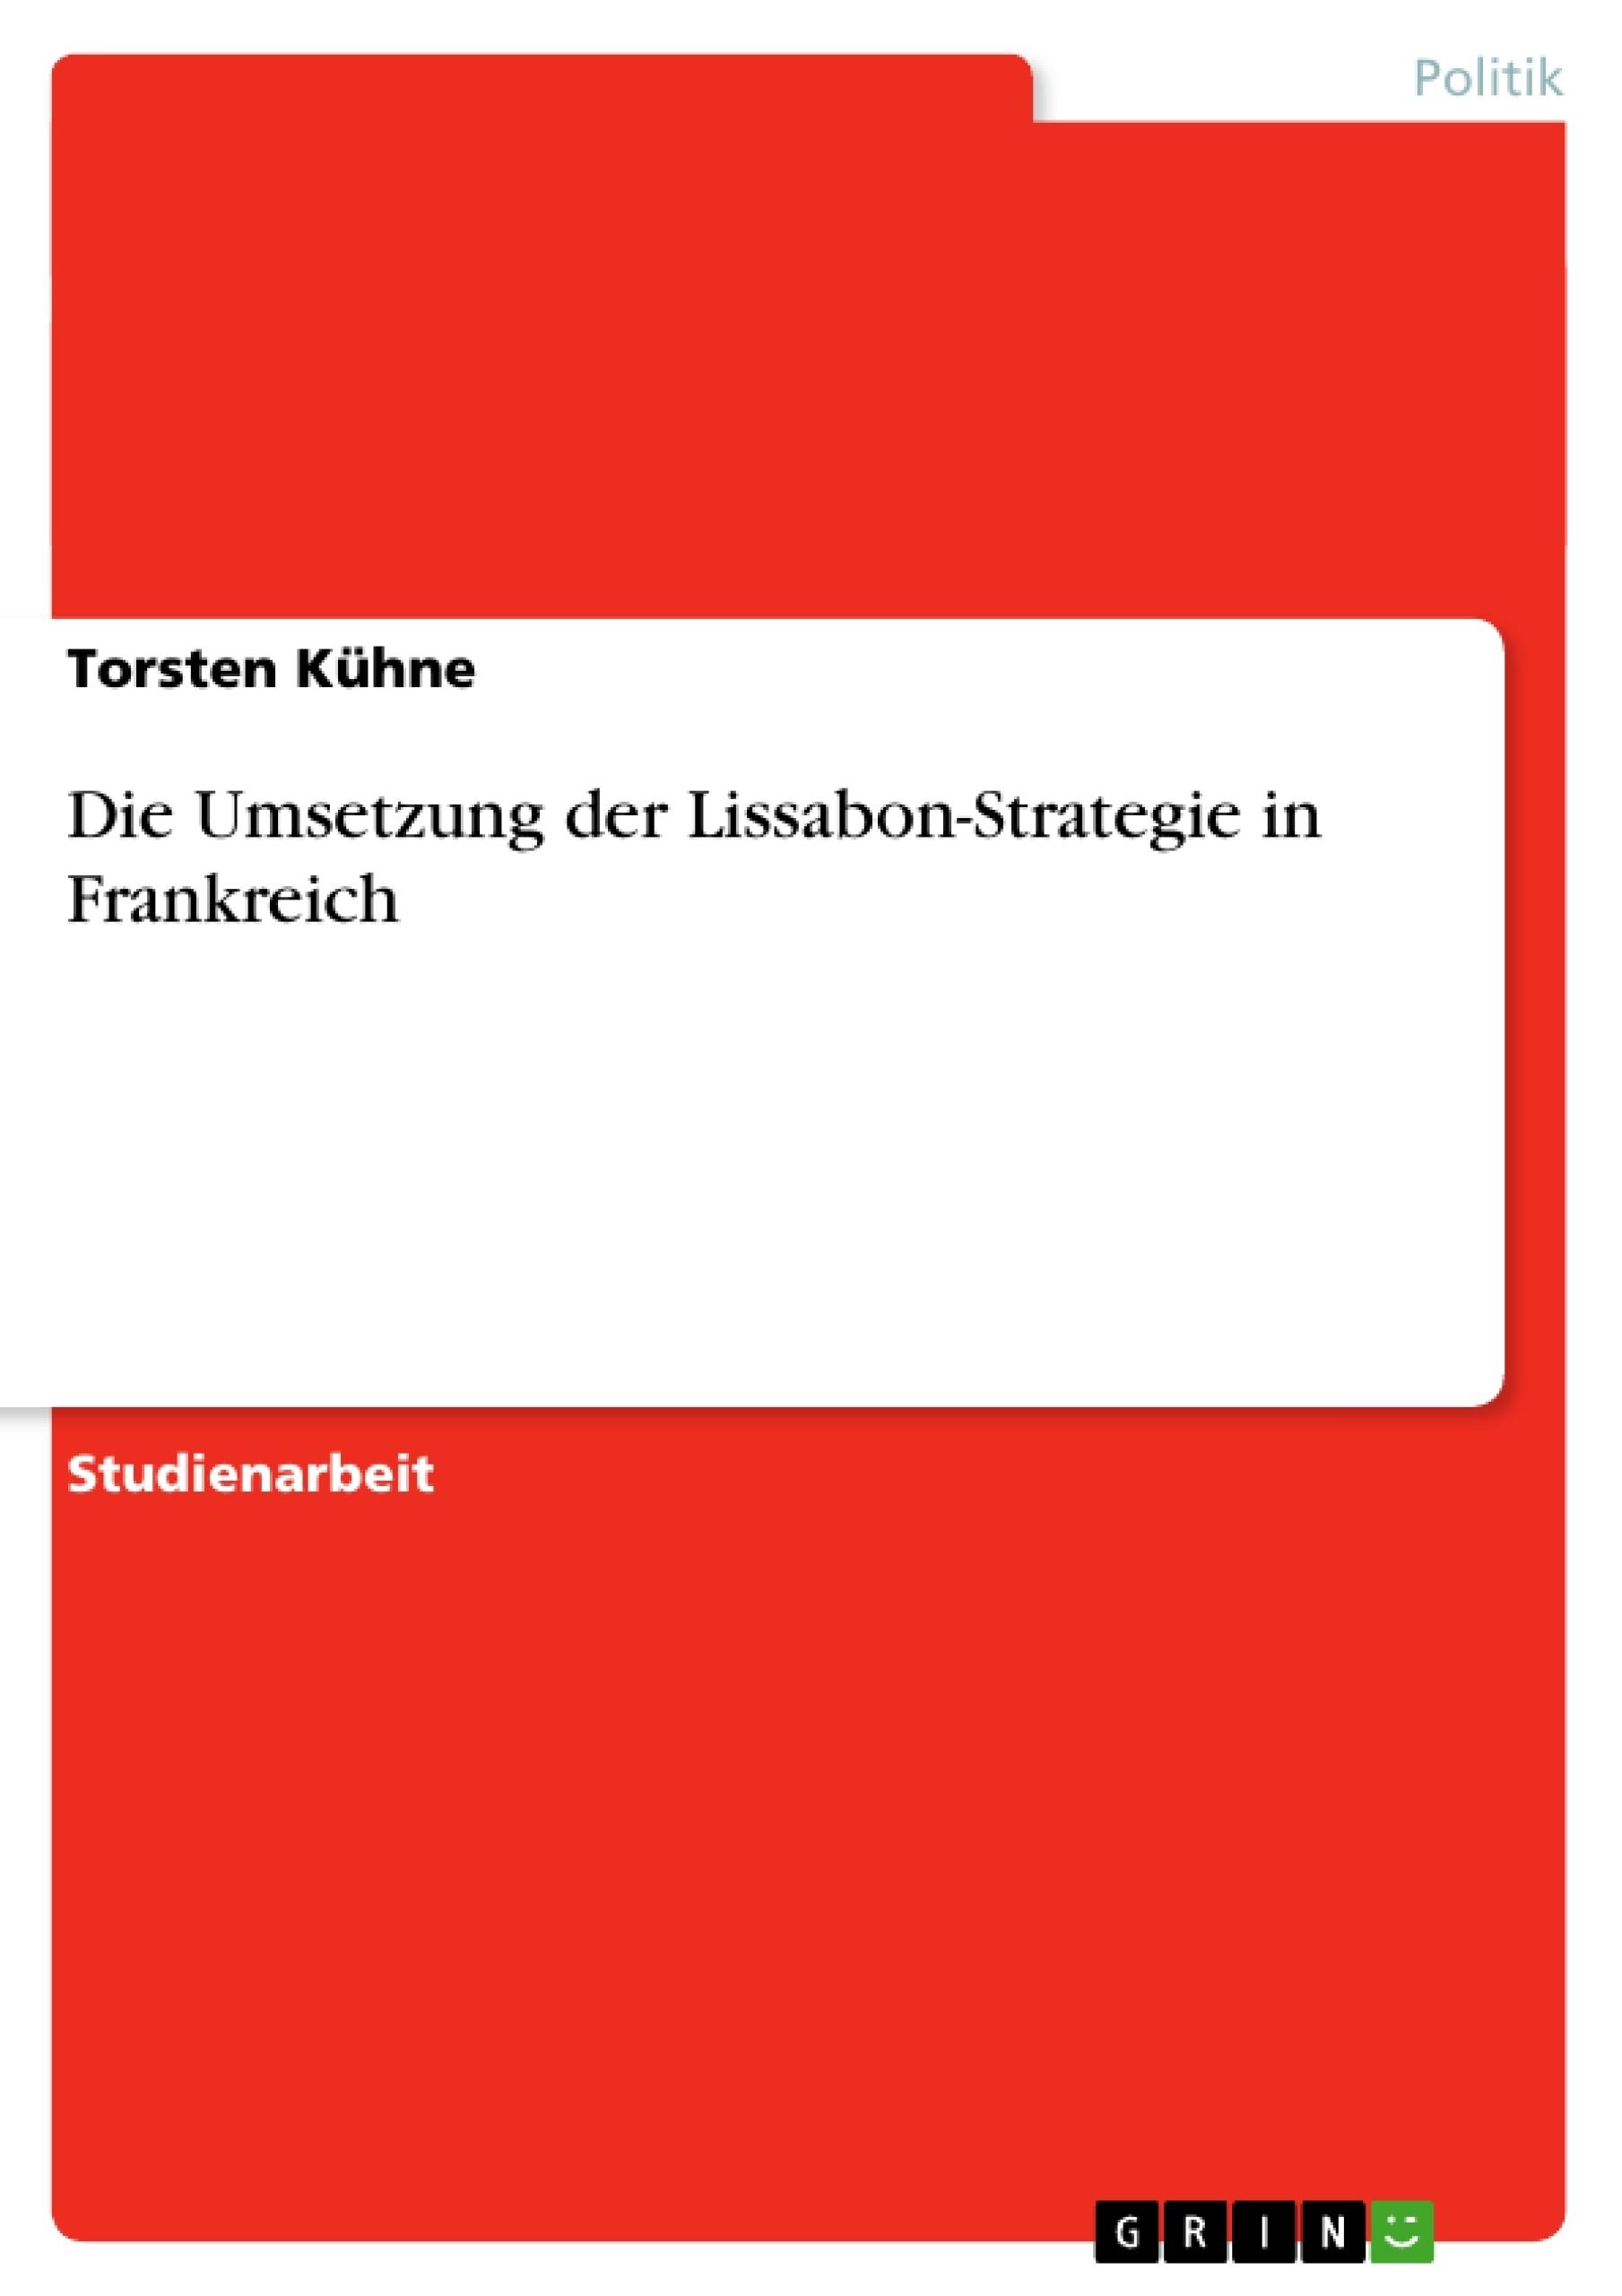 Titel: Die Umsetzung der Lissabon-Strategie in Frankreich